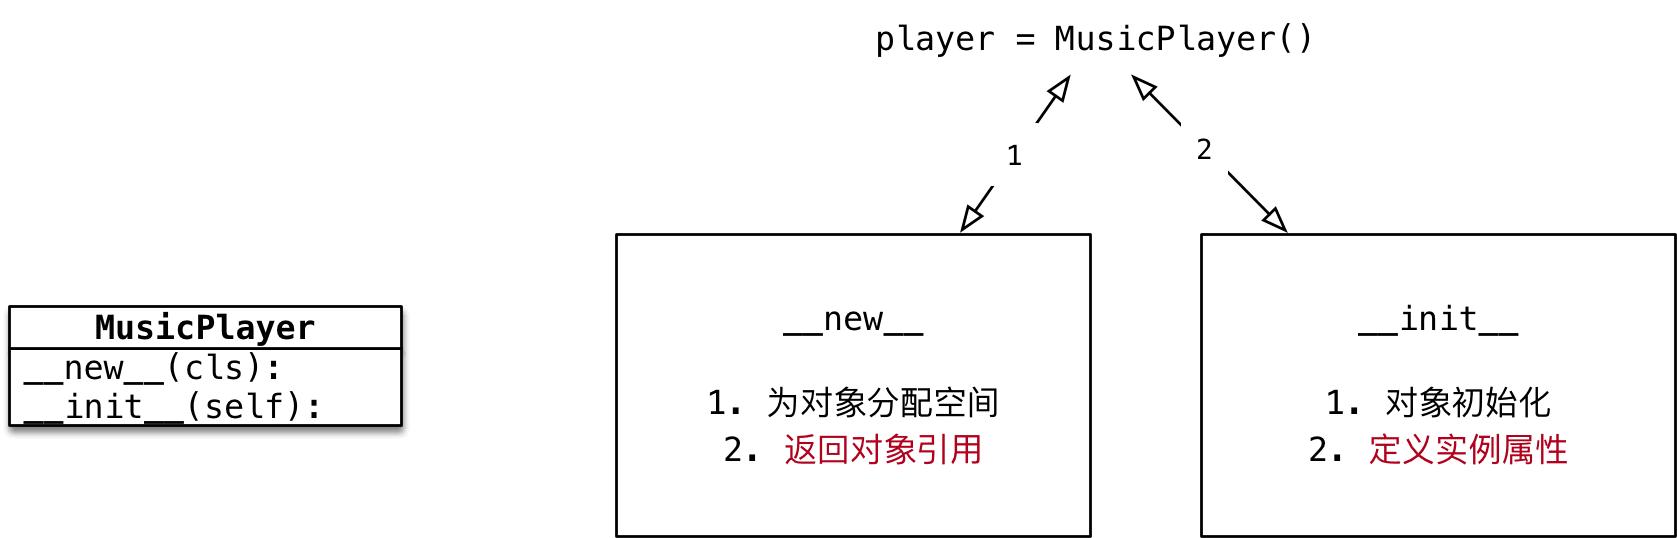 022_对象分配空间和初始化.png